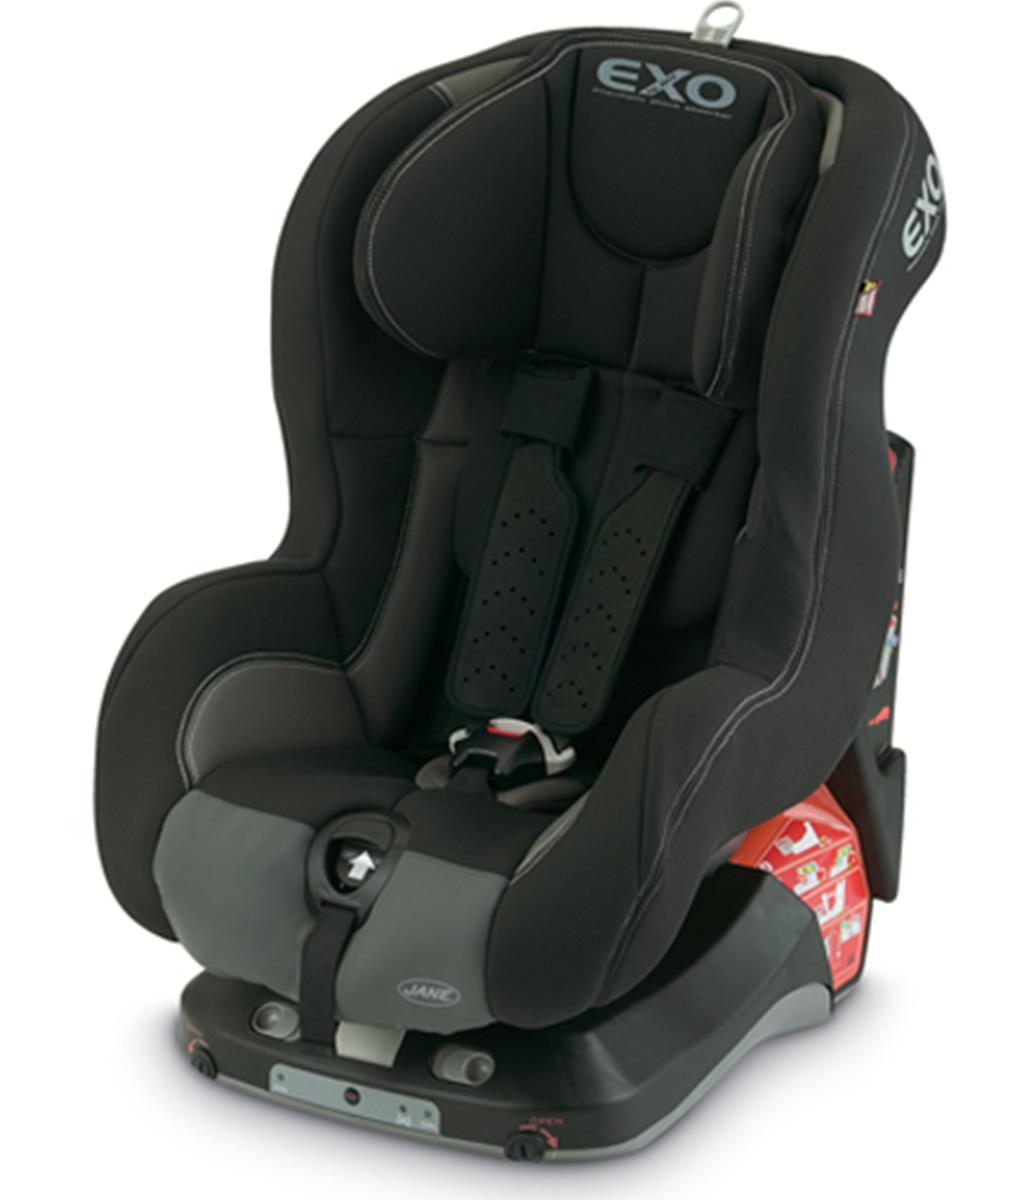 Foto silla de coche casualplay protector black foto 72049 - Sillas de coche race ...